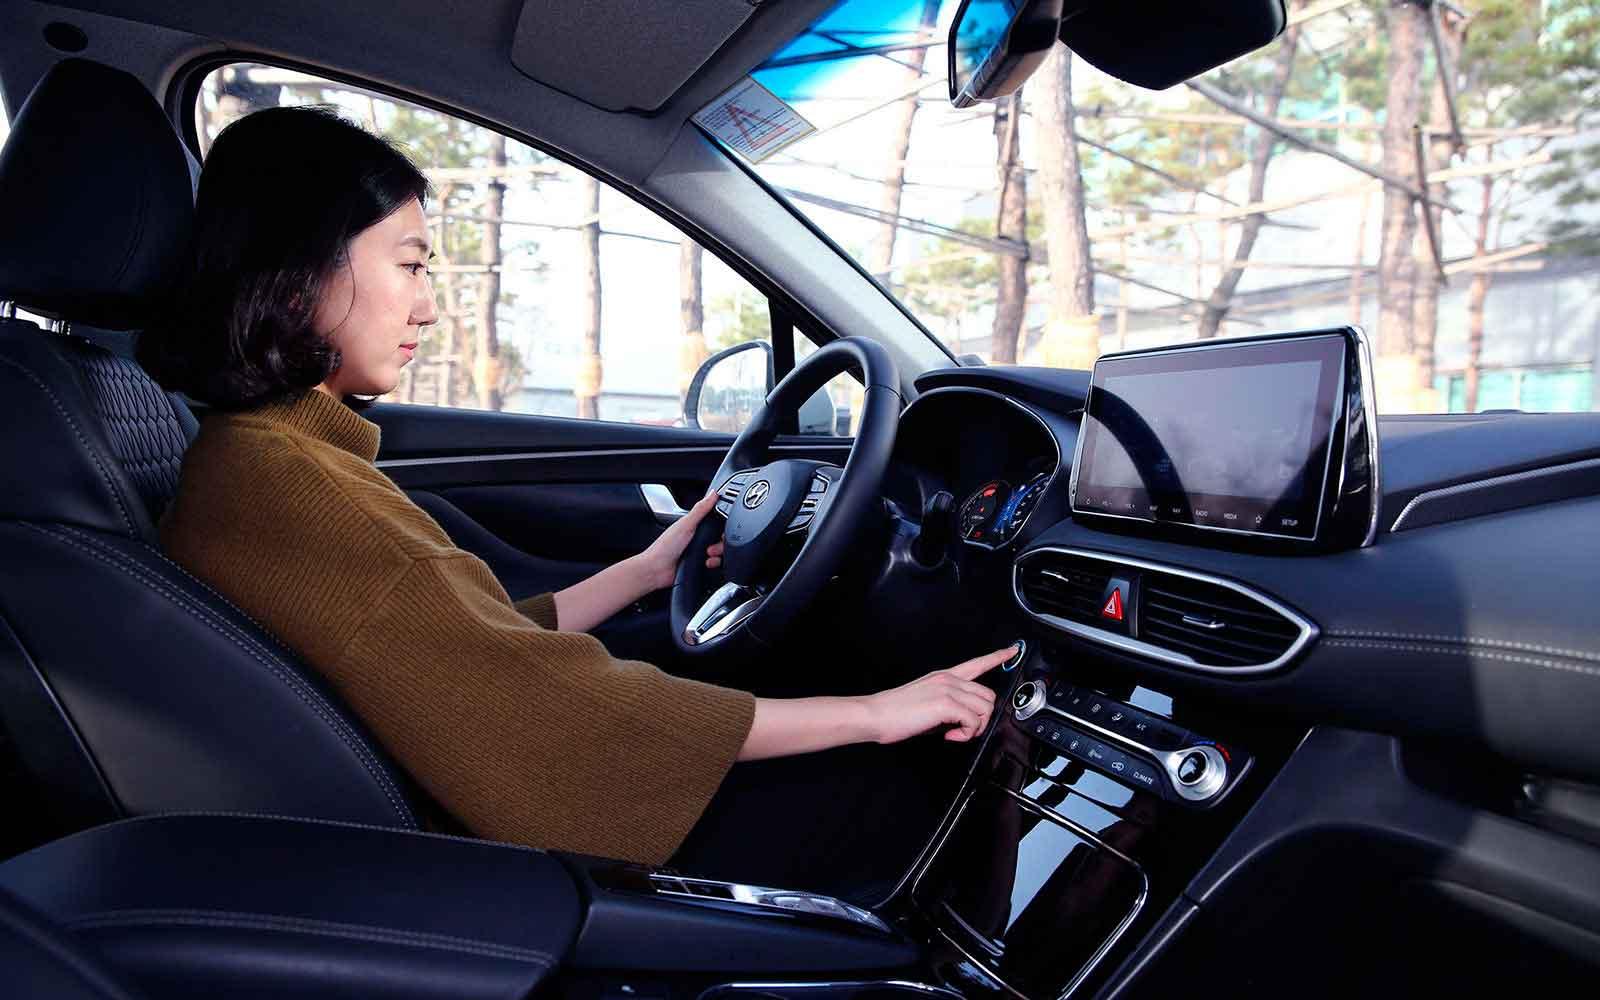 Hyundai anuncia tecnologia de impressão digital em seus veículos 1